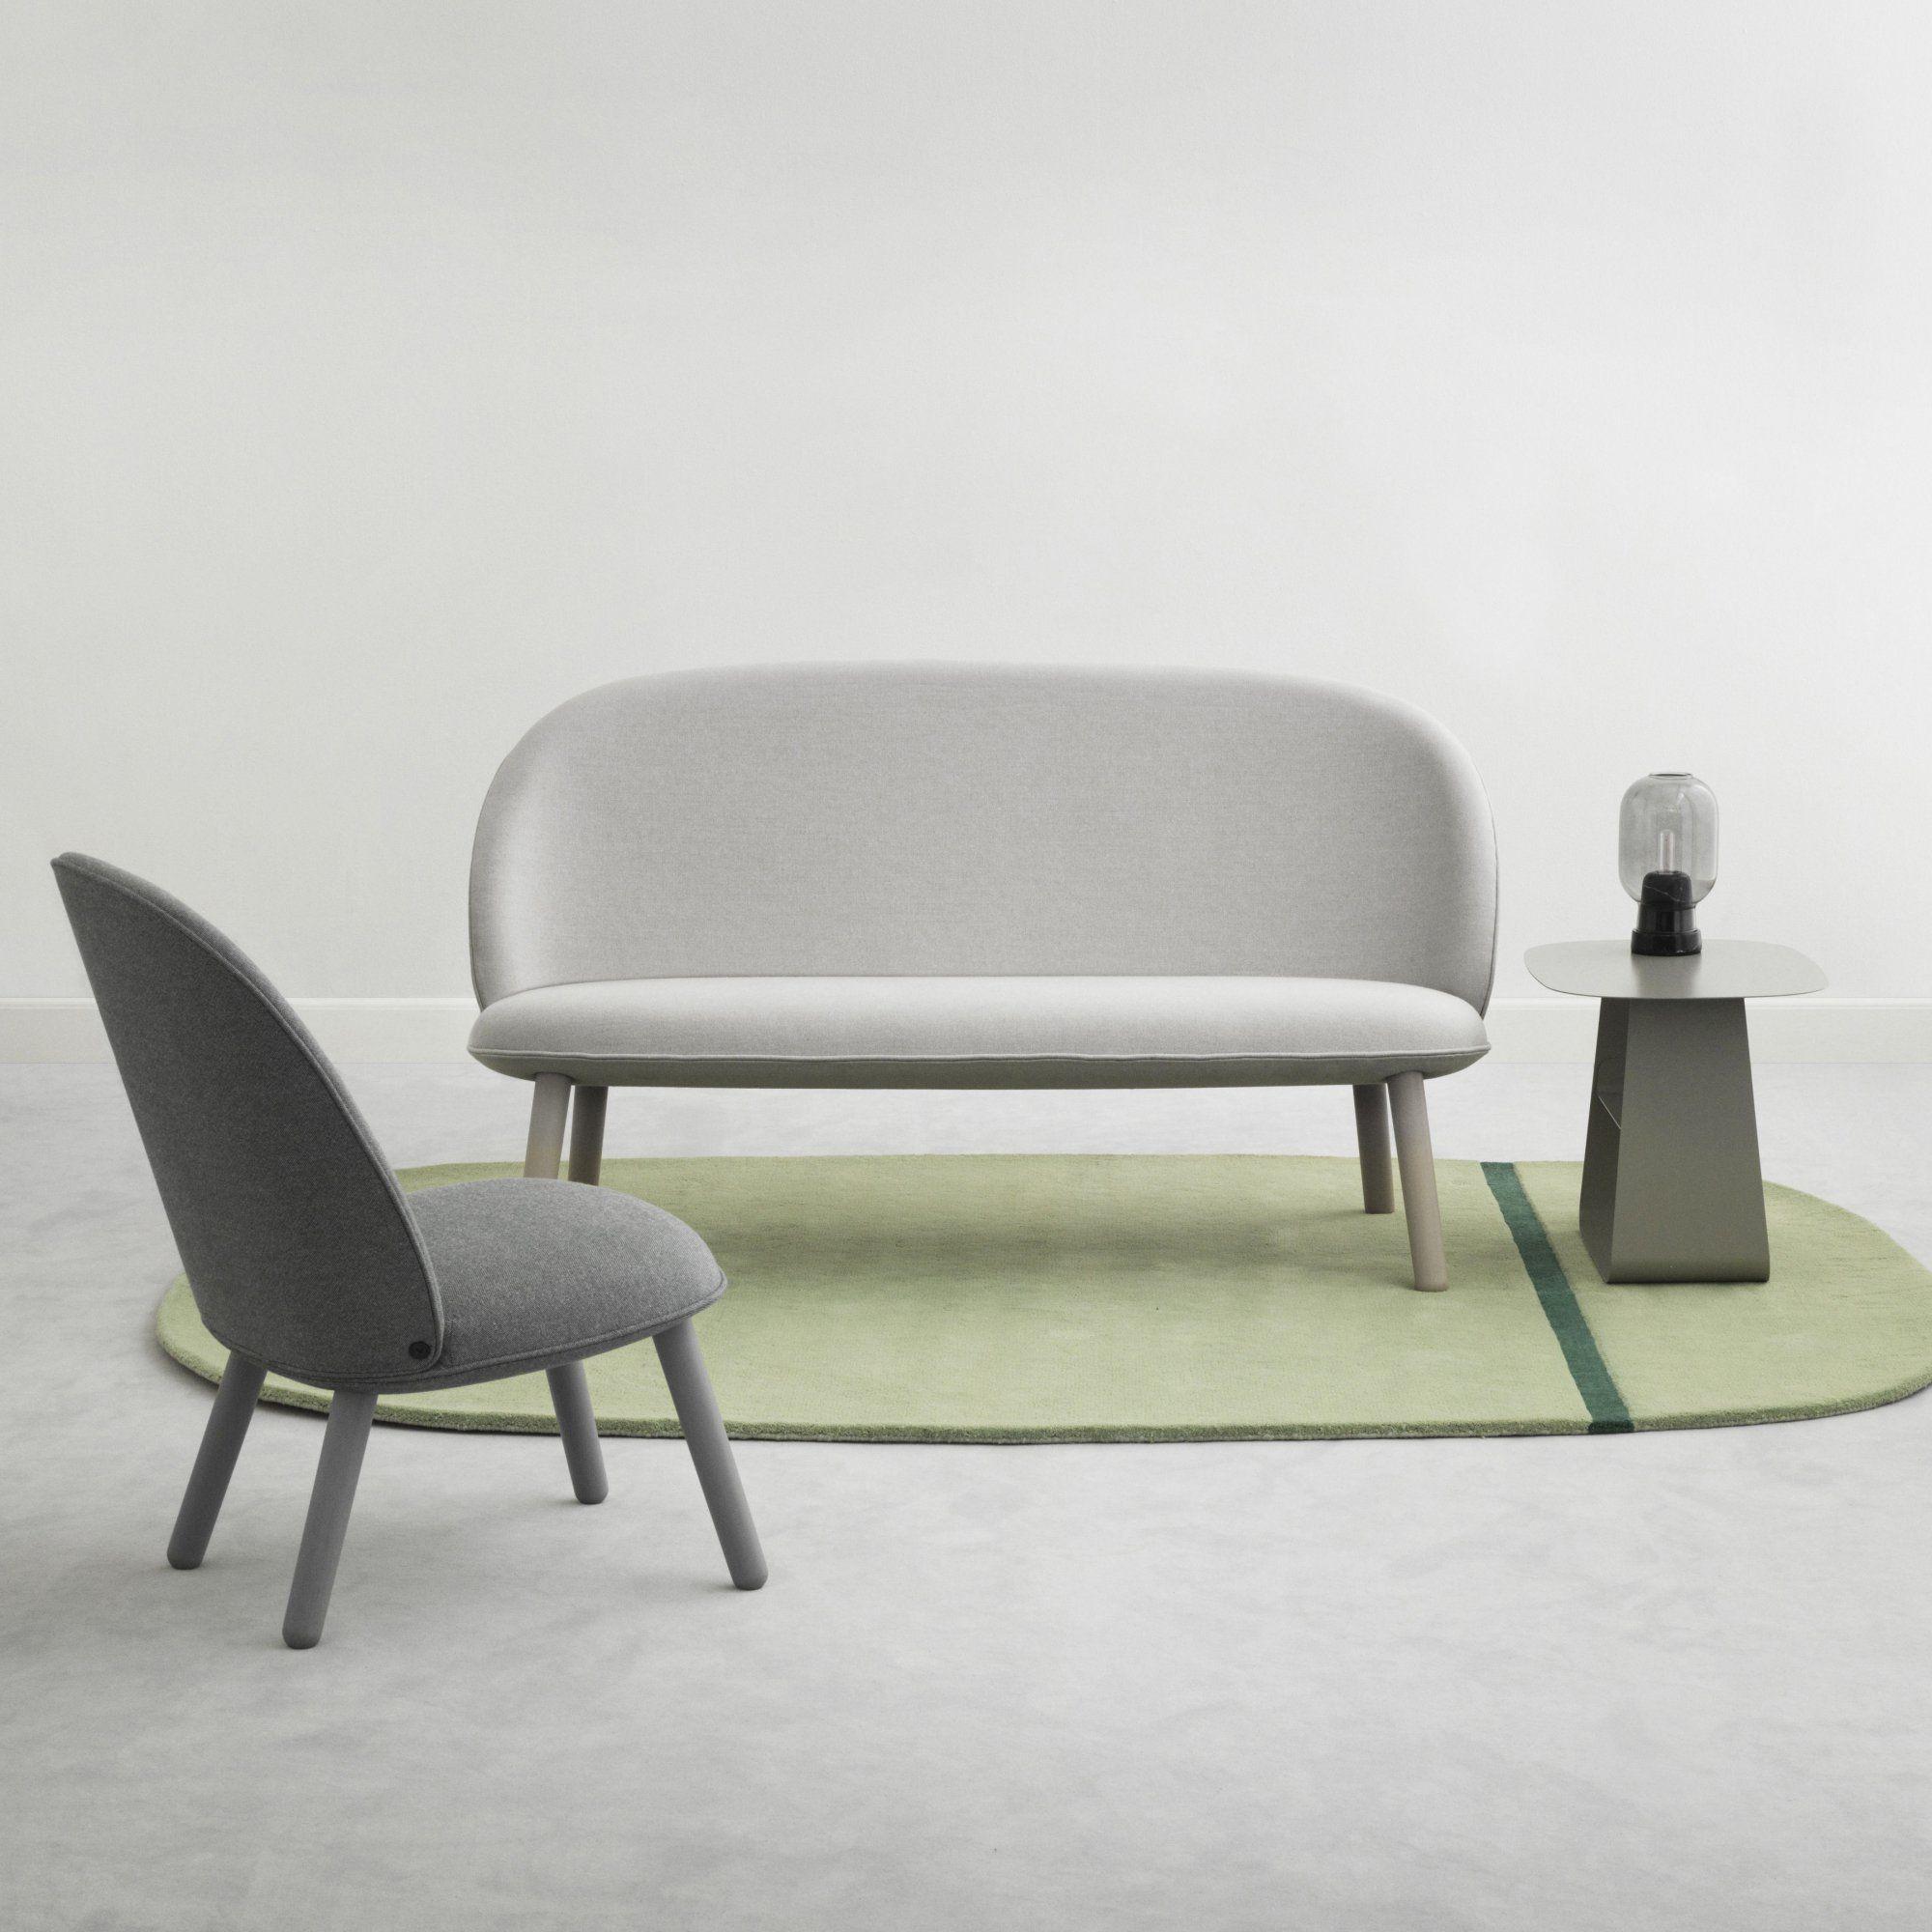 un petite banquette en tissu et en bois gris avec fauteuil gris anthracite pour une d coration. Black Bedroom Furniture Sets. Home Design Ideas